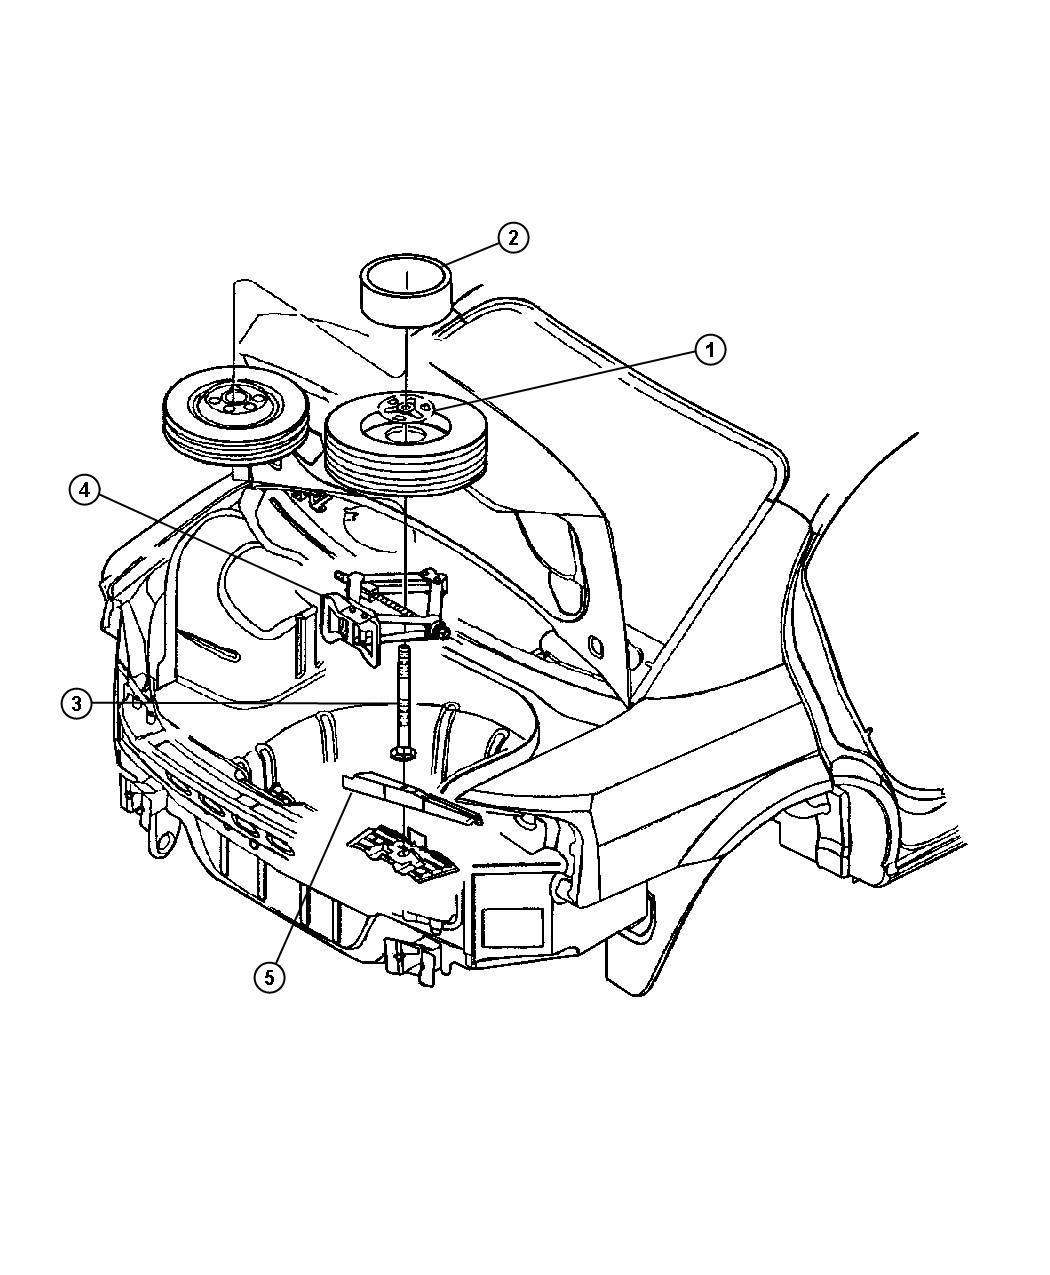 Chrysler Sebring Bolt Square Neck M10x1 5x185